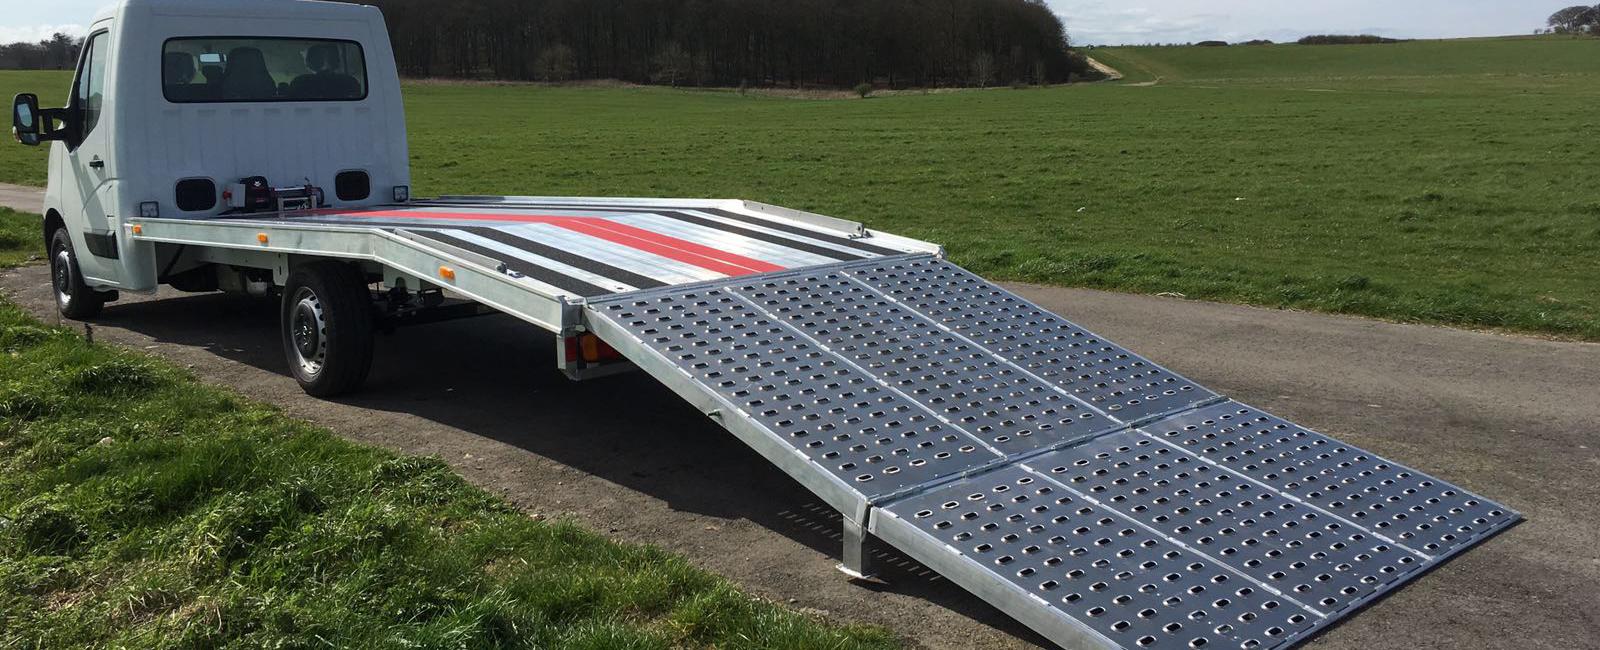 Ground maintenance vehicle - ramp down